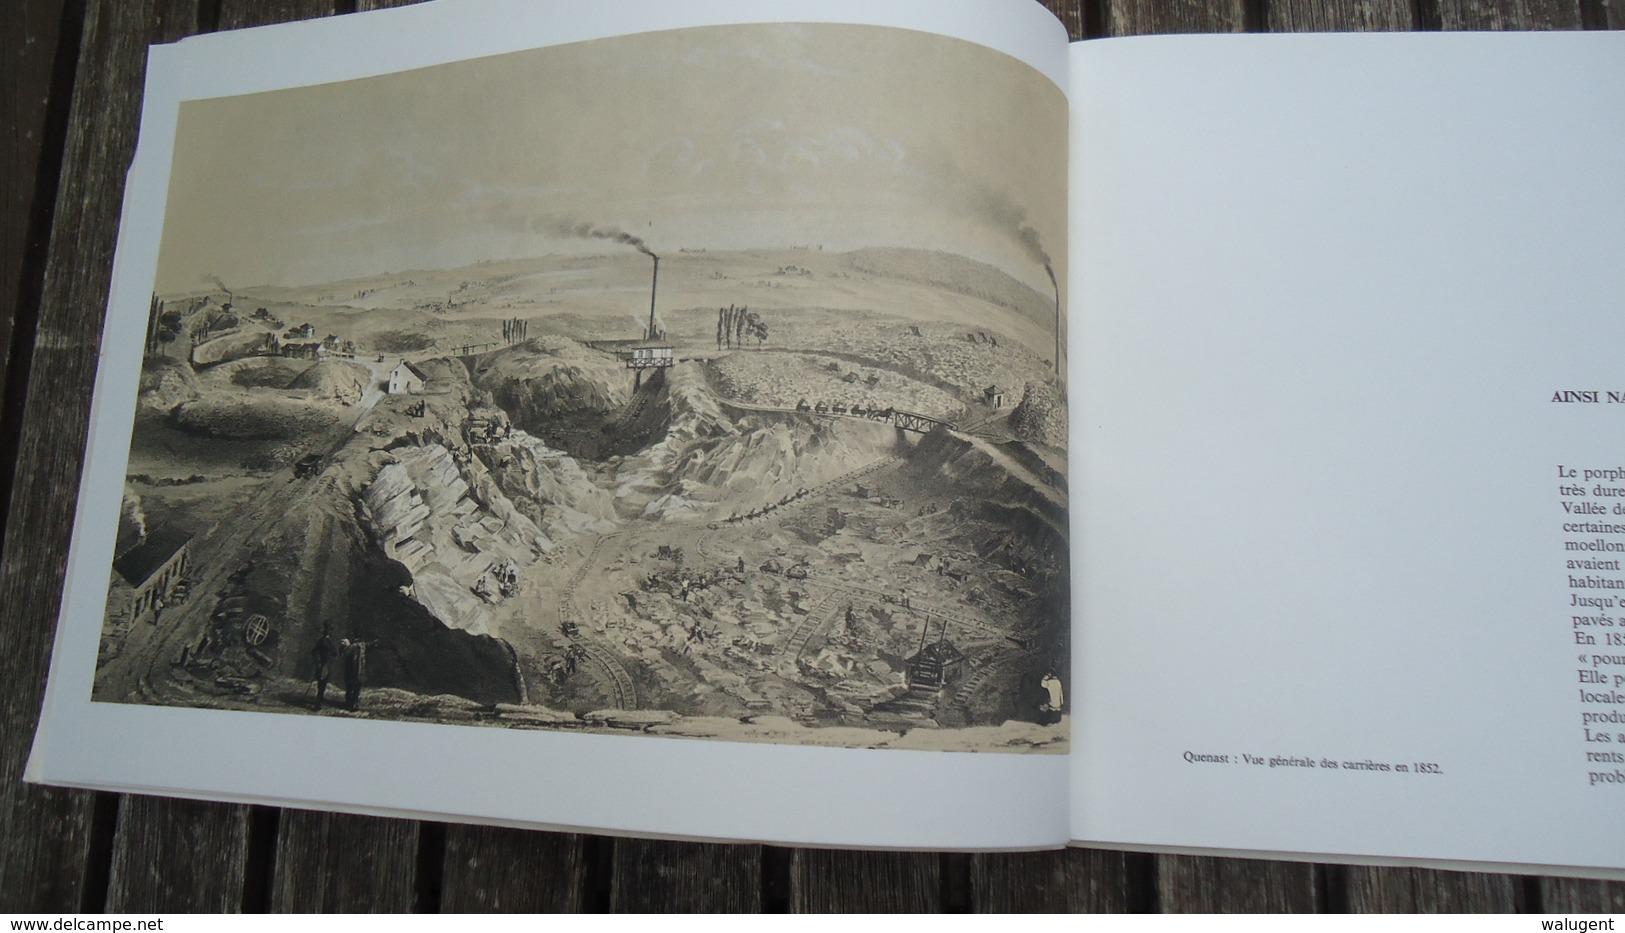 S.A. Des Carrières De Porphyre De Quenast - 1864 -1964 (voir Détails) - Culture